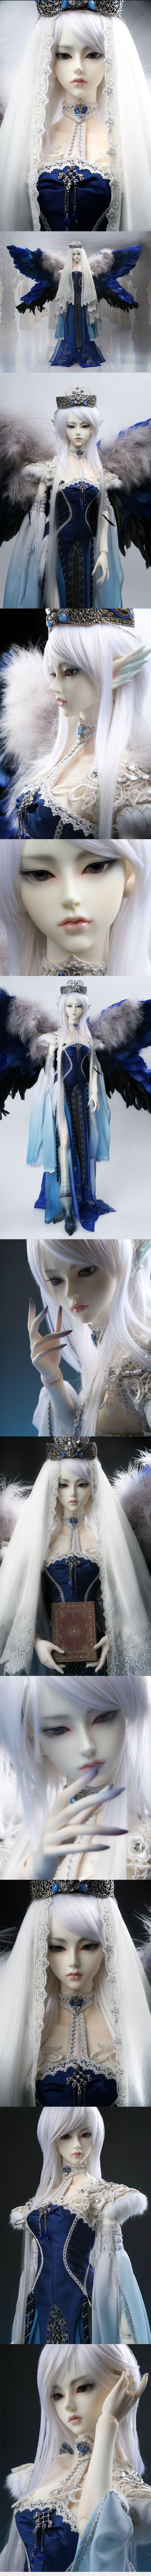 Clozel - Vala of Agony [Clozel] - $228.00 : BJD baby,bjd dolls,bjd doll shop,bjd bragan?a,fairyland,volks bjd,soom,luts bjd,Super Dollfie, BJD lovers collect community